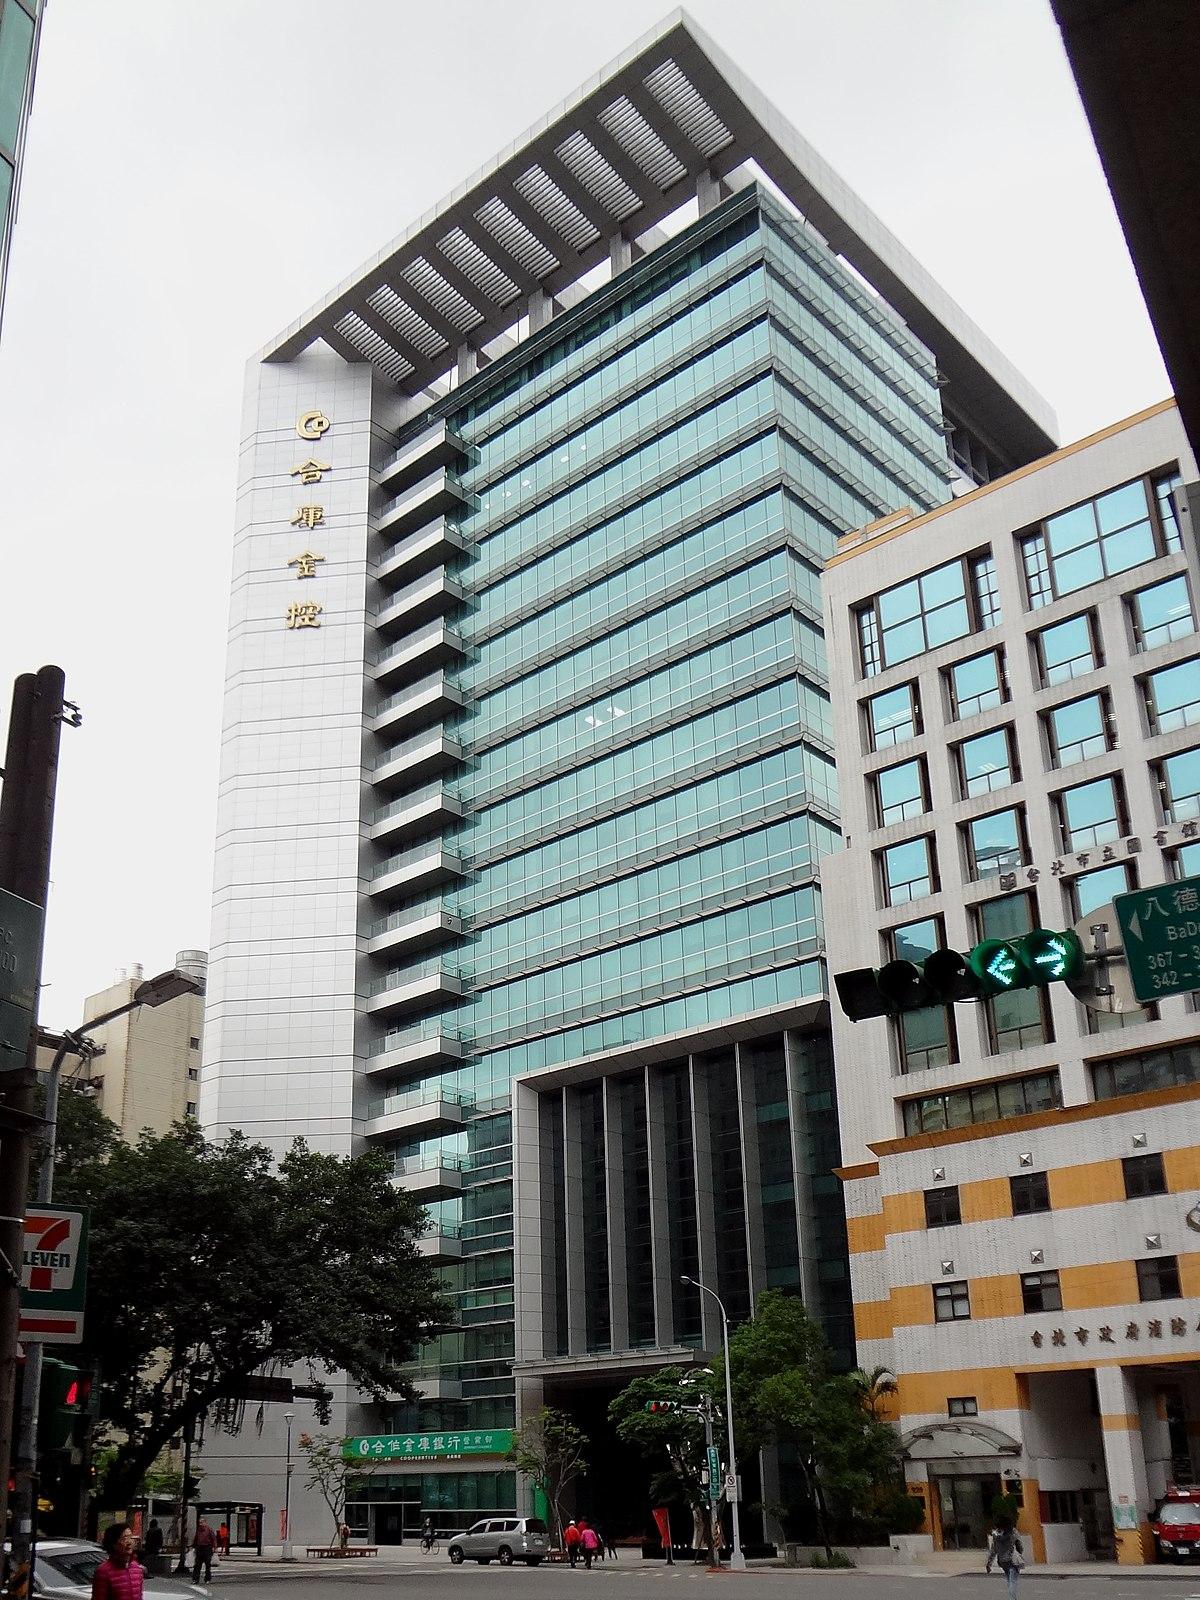 投資 福岡 信託 銀行